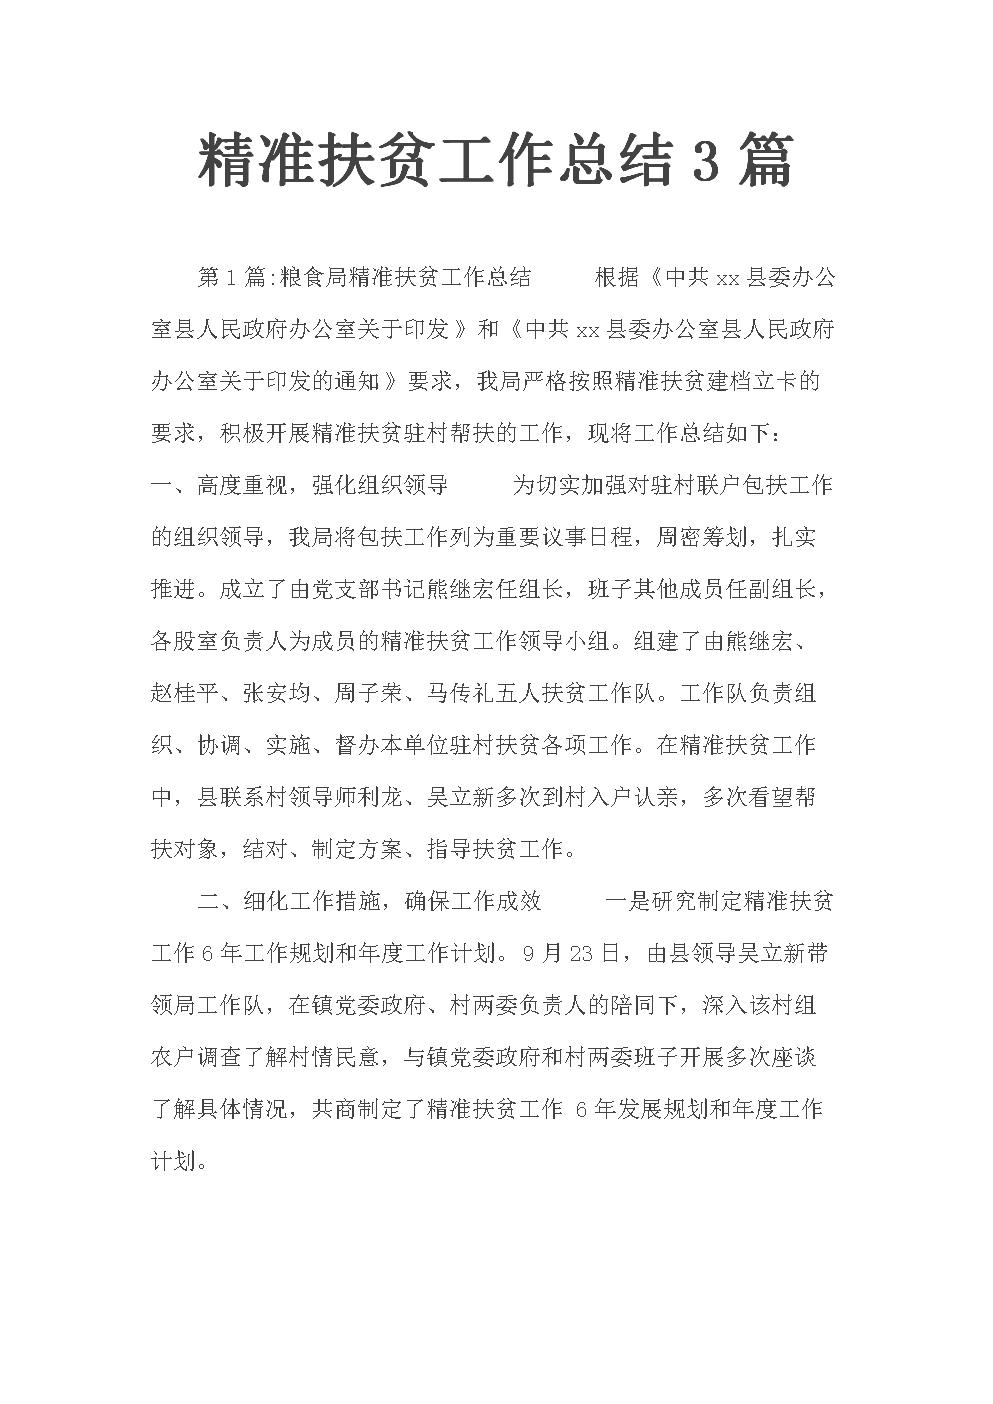 精准扶贫工作总结3篇.docx